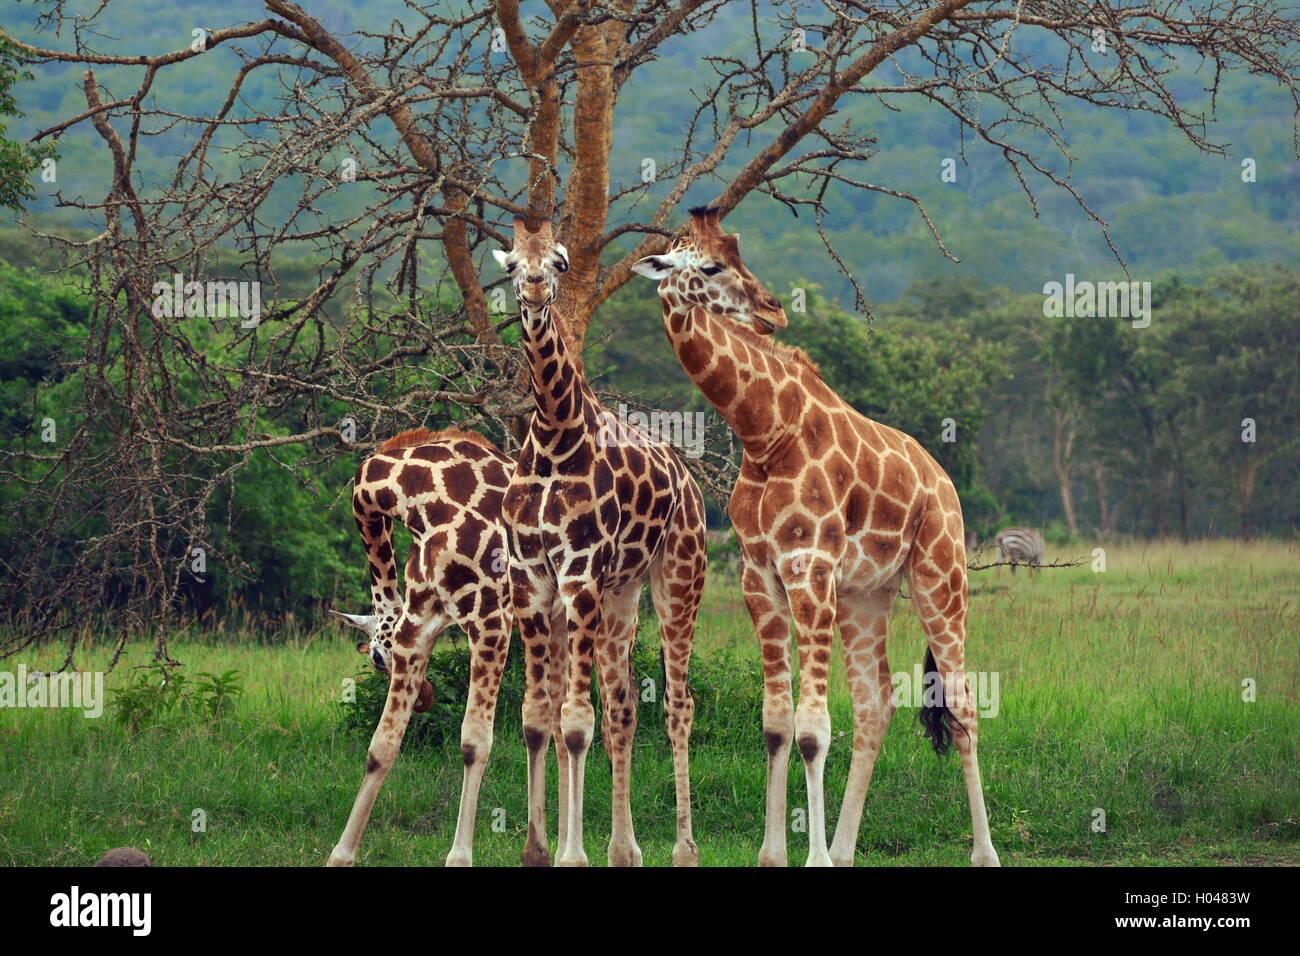 Tre le giraffe spostamento simmetrico nel lago Mburo National Park, Uganda Immagini Stock